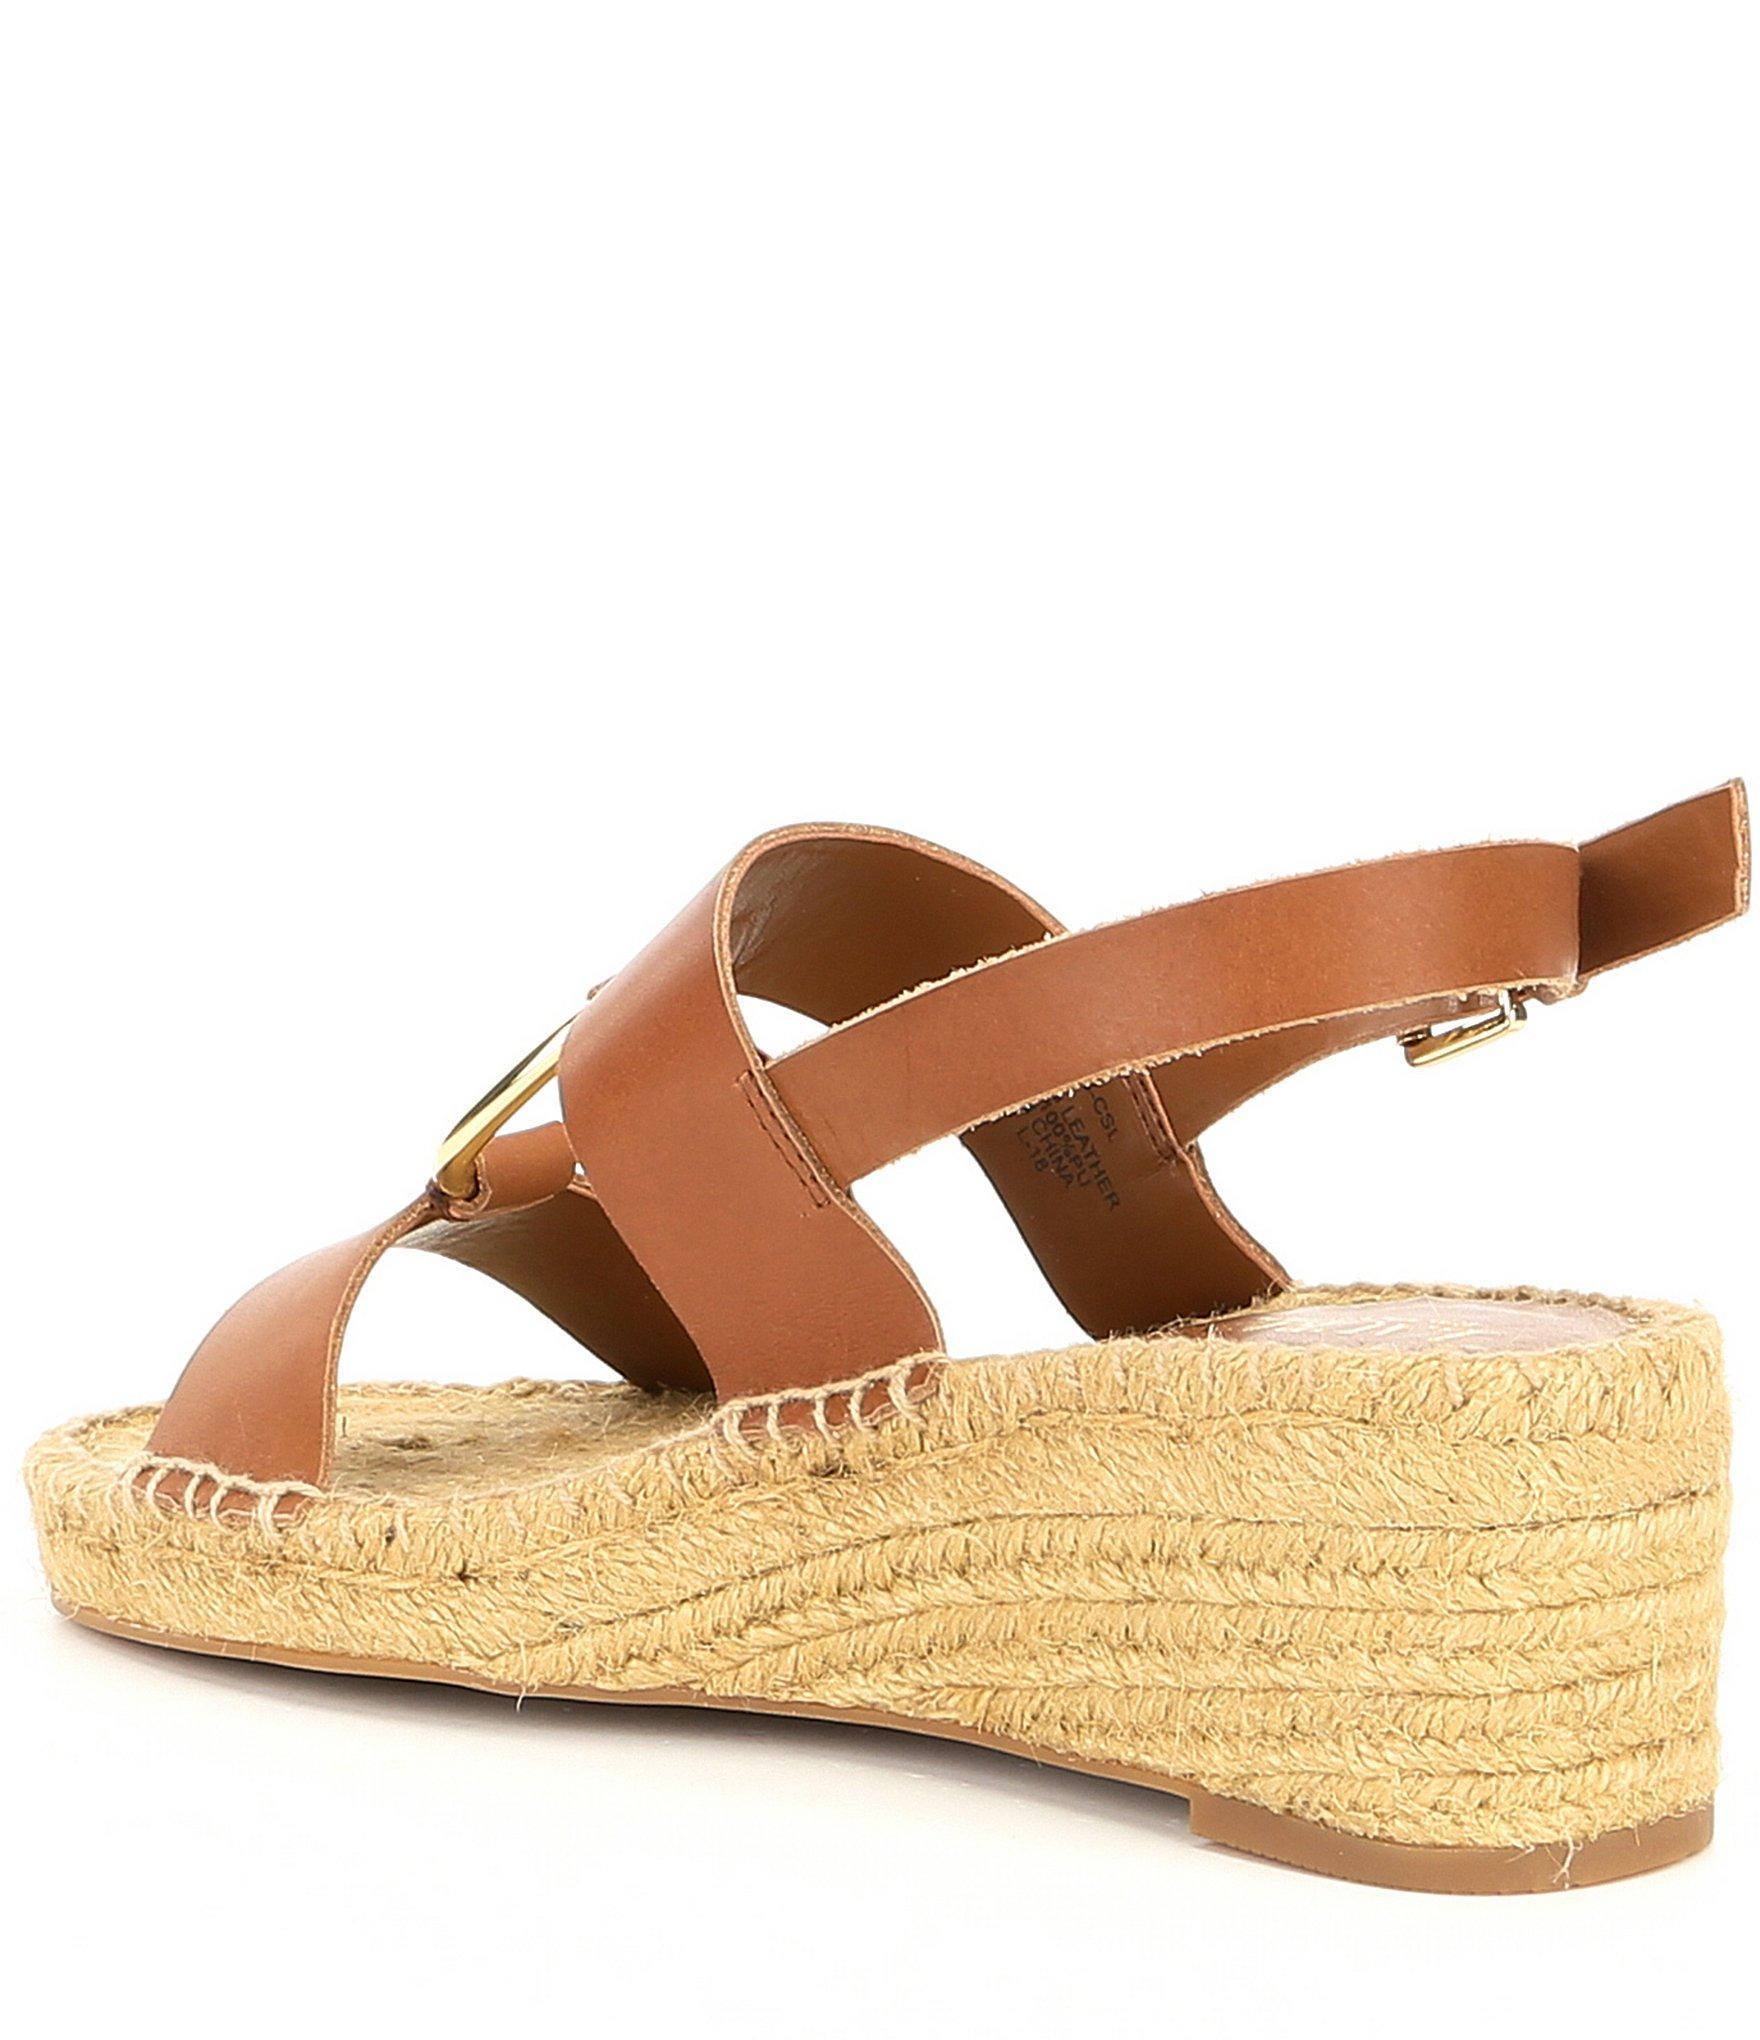 Lauren by ralph lauren Indigo Espadrille Wedge Sandals in